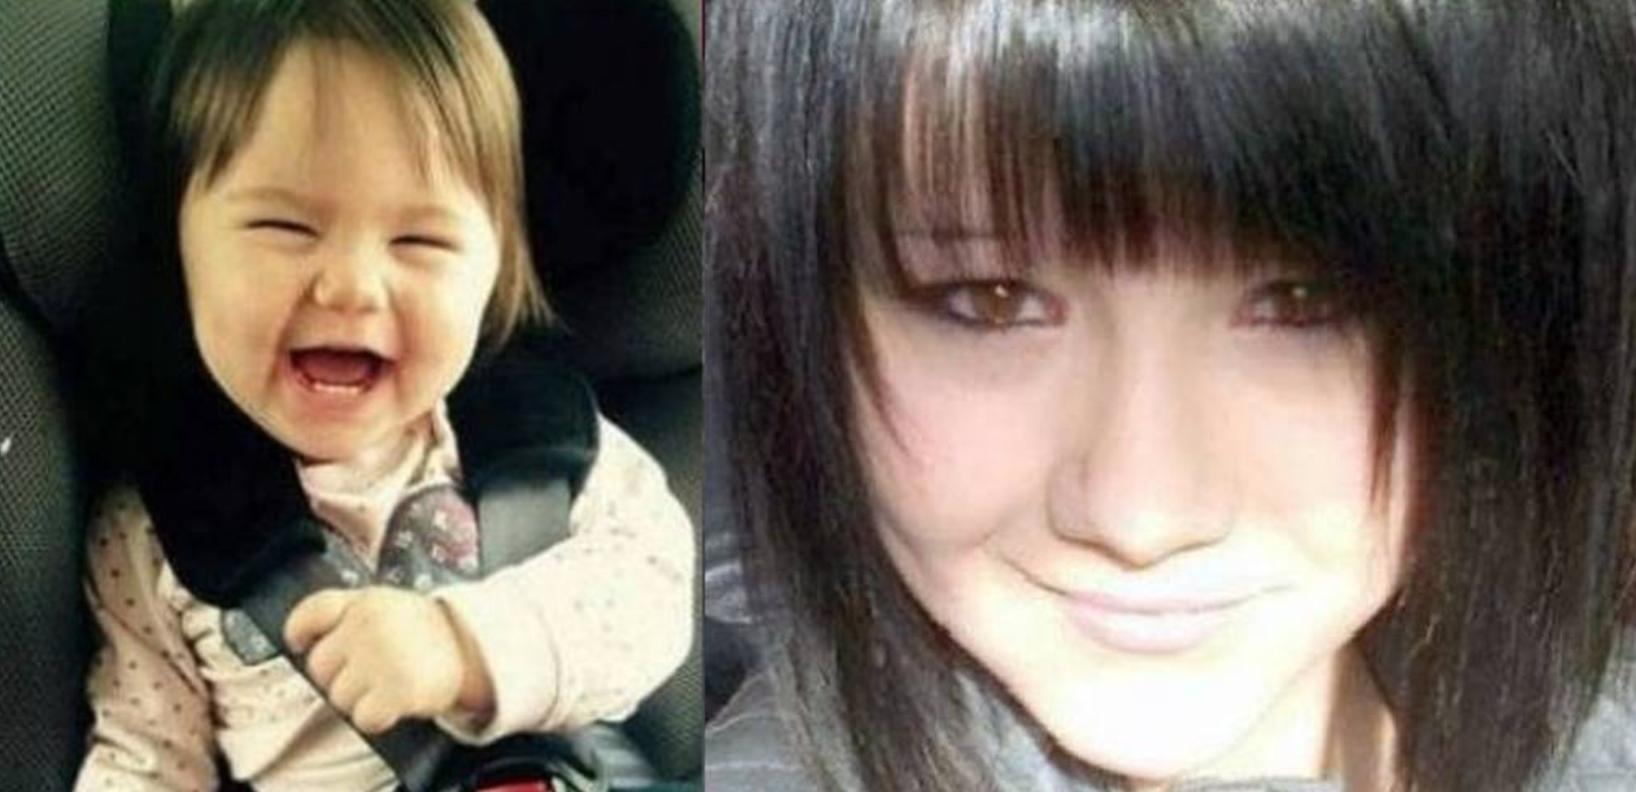 Kobieta zabiła swoją 2-letnią córeczkę, by zemścić się na byłym partnerze